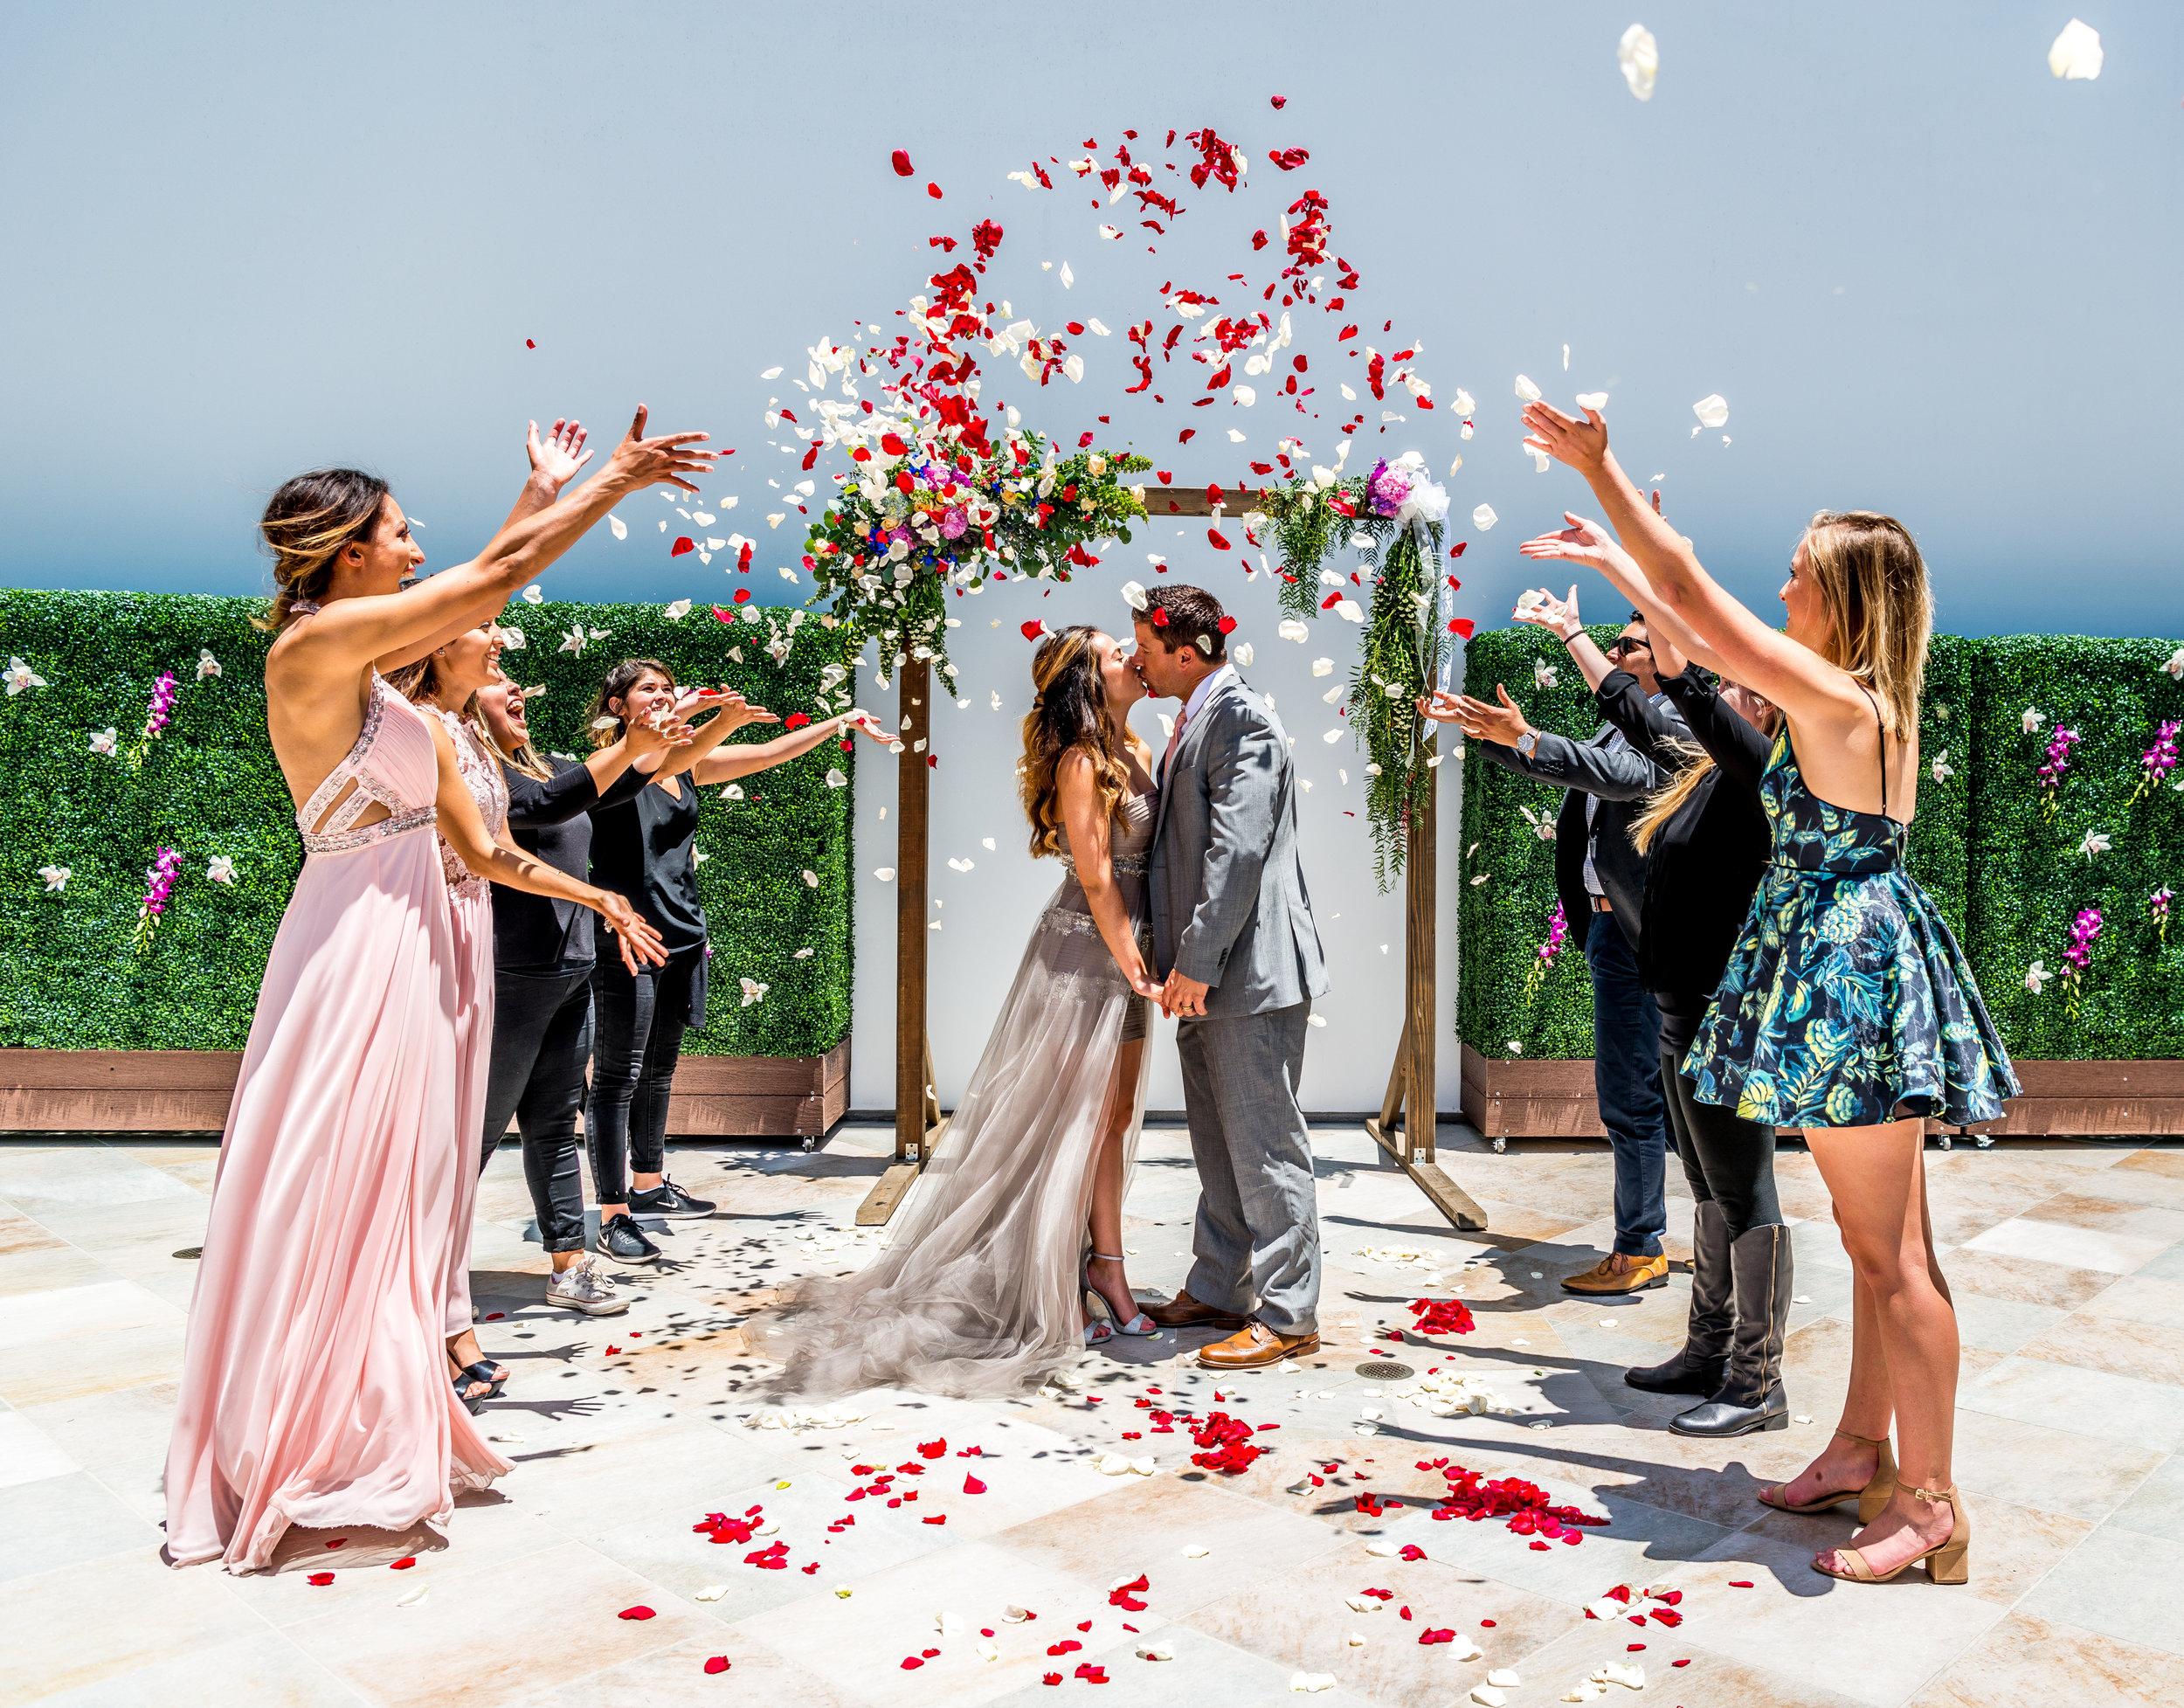 The_Centre_Escondido_Weddings_Emry_Photography_0280.jpg